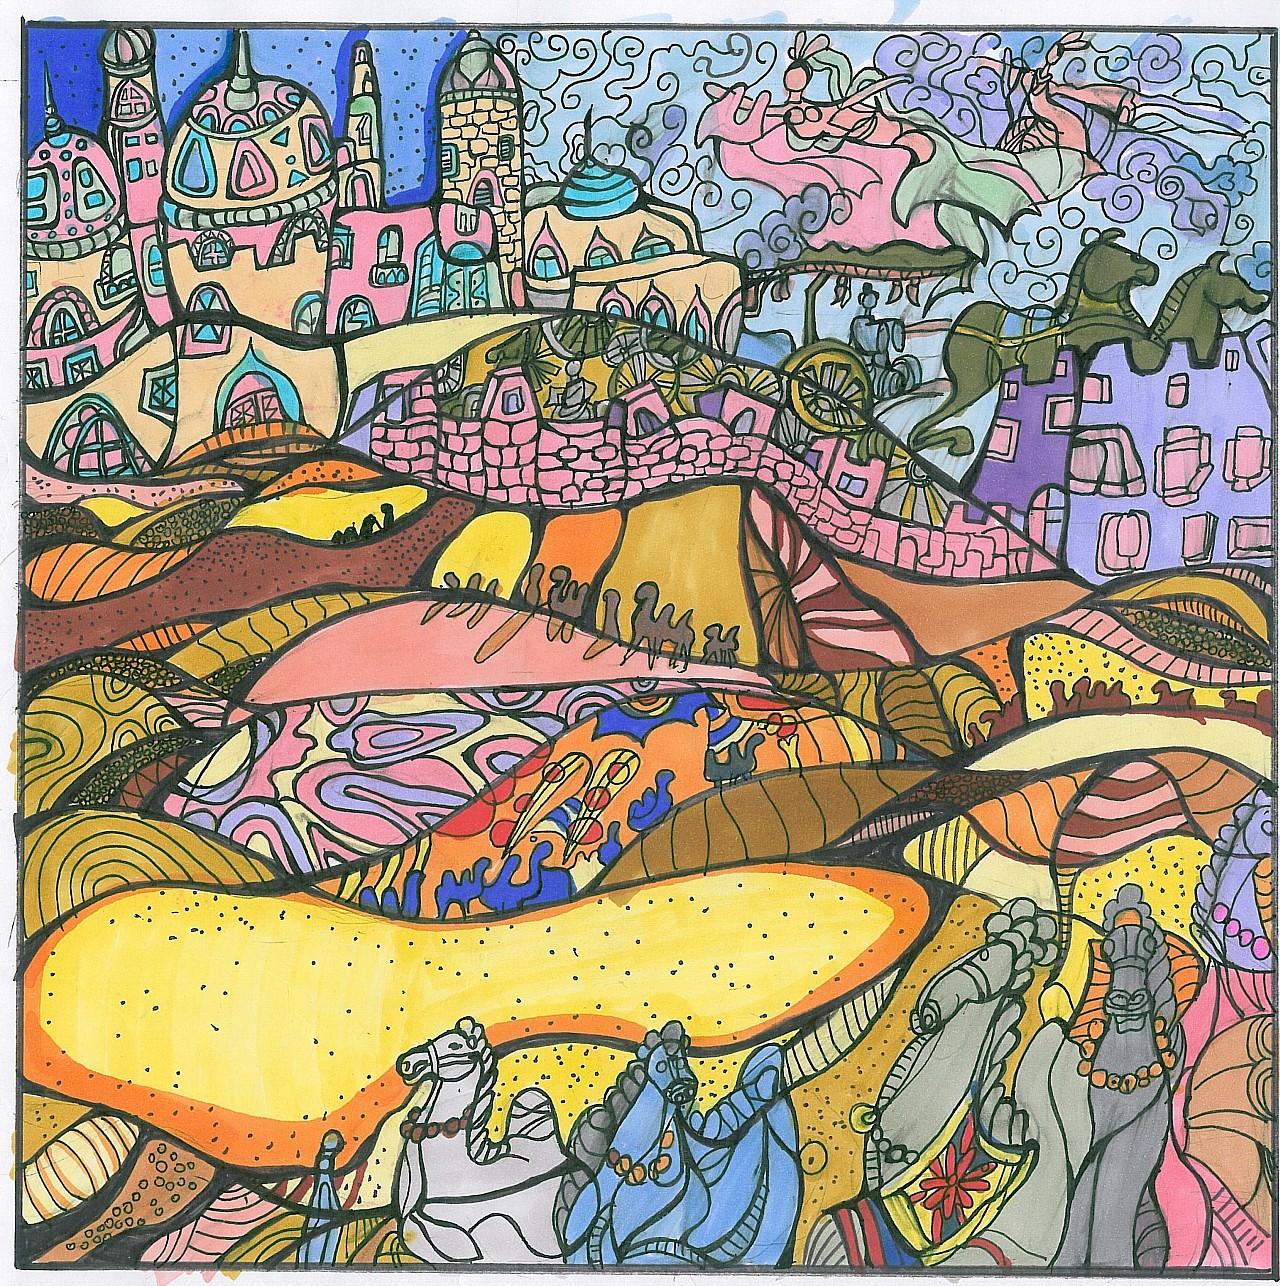 马克笔手绘《歌颂丝绸之路》装饰插画,设计基础图片